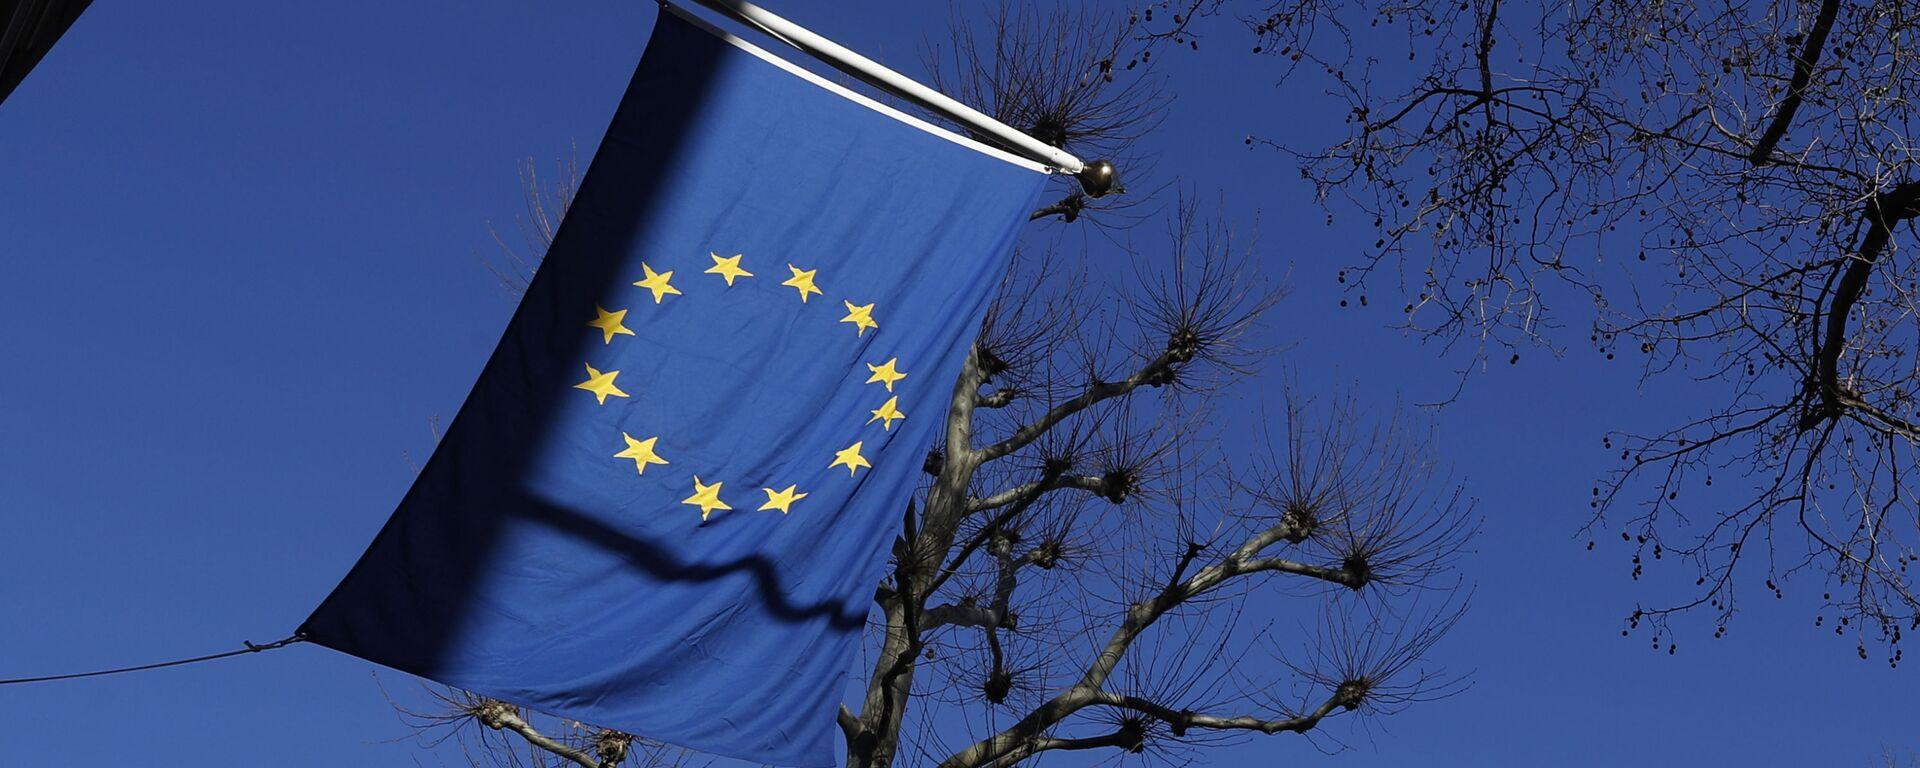 Zastava Evropske unije  - Sputnik Srbija, 1920, 27.09.2021